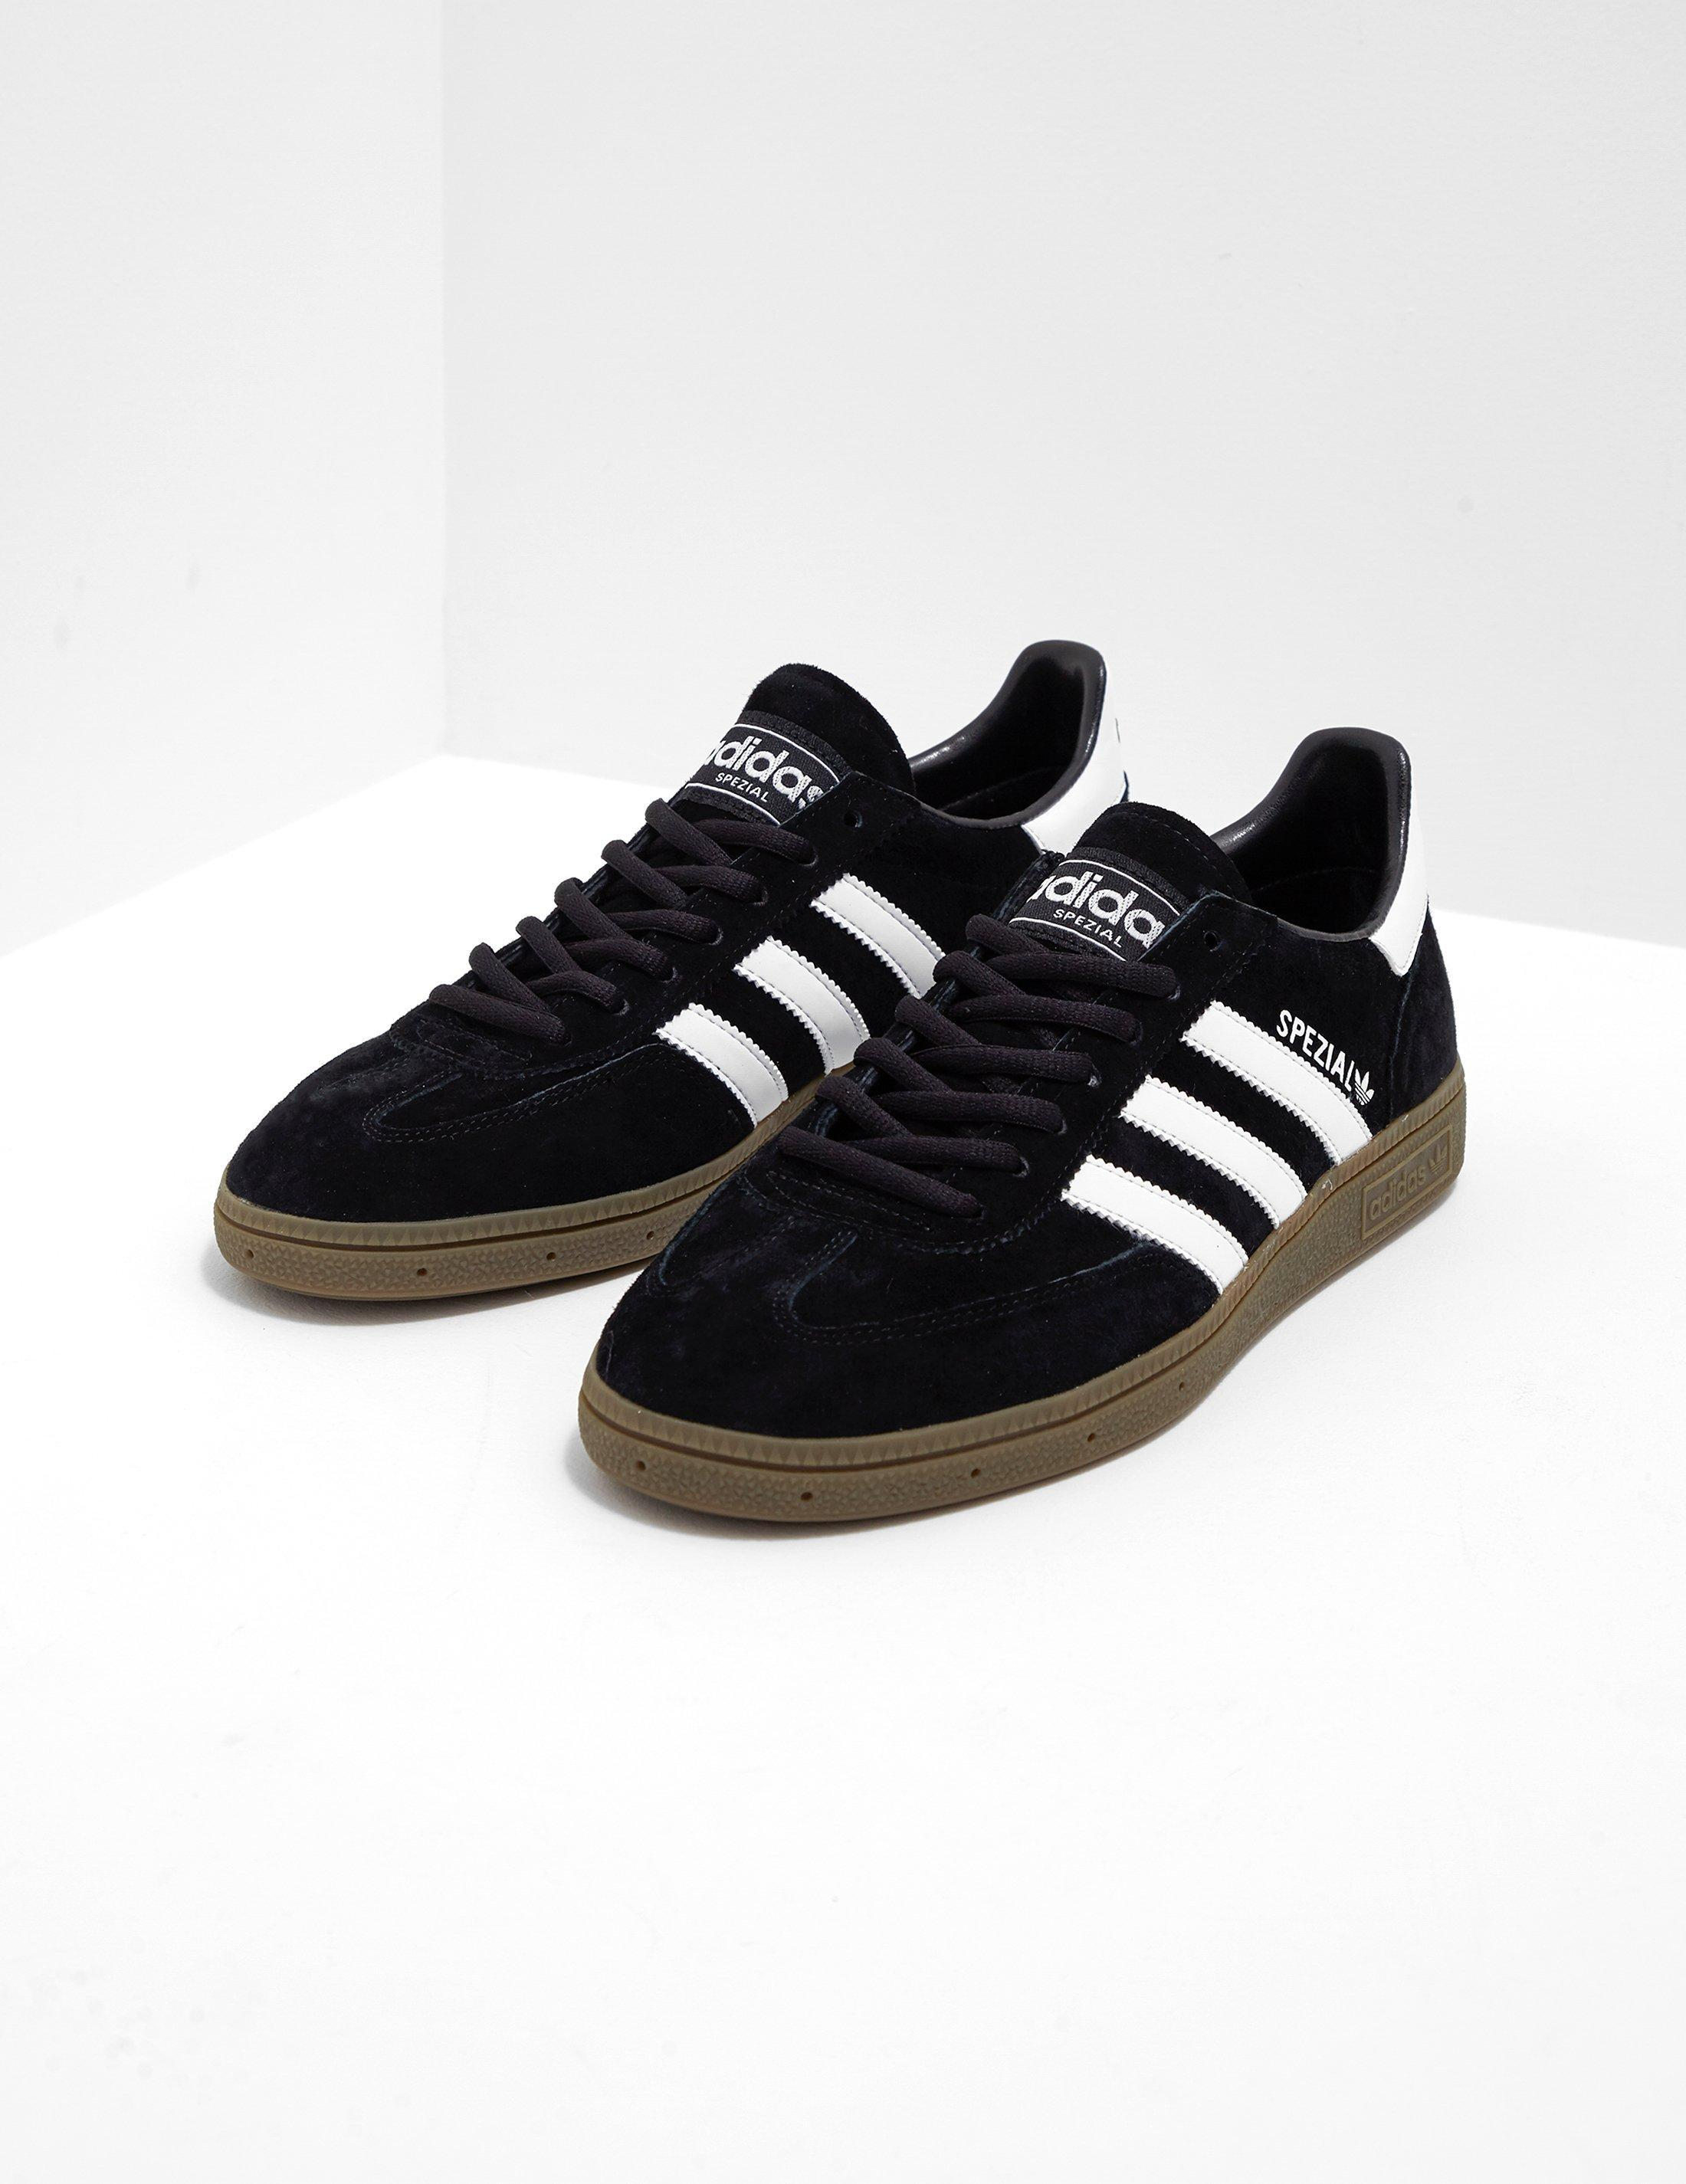 71ae01c4b375 Adidas Originals Mens Spezial Black white gum in Black for Men - Lyst